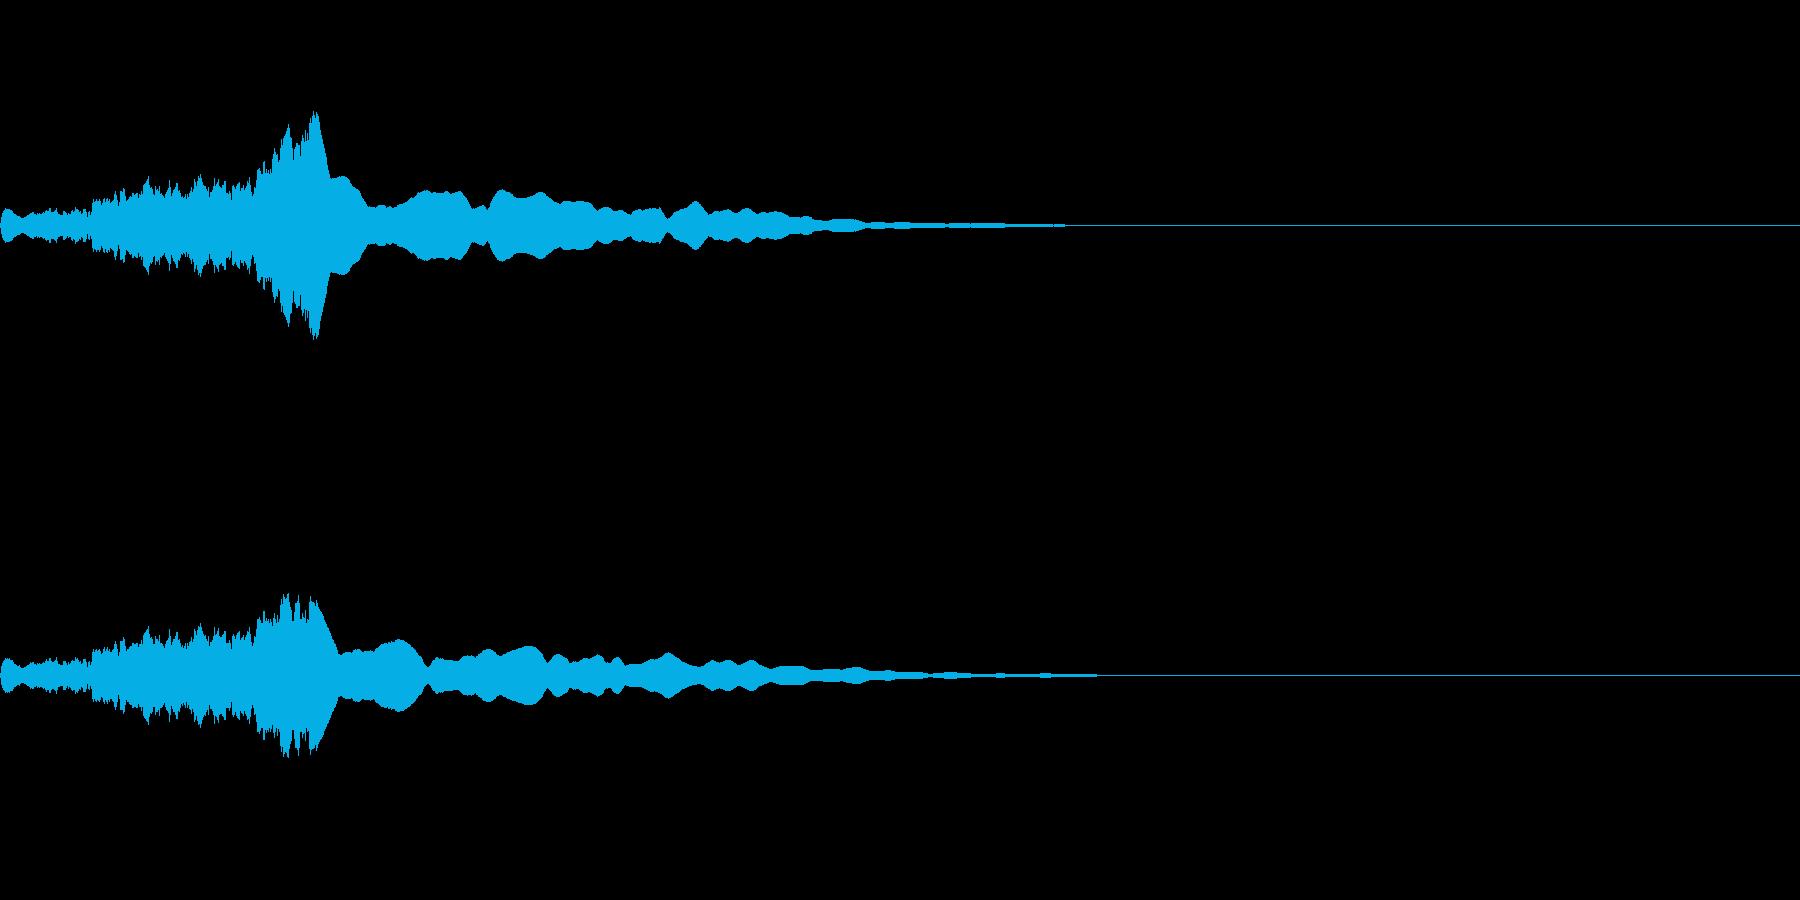 機械的な「フィーン」とゆう効果音の再生済みの波形